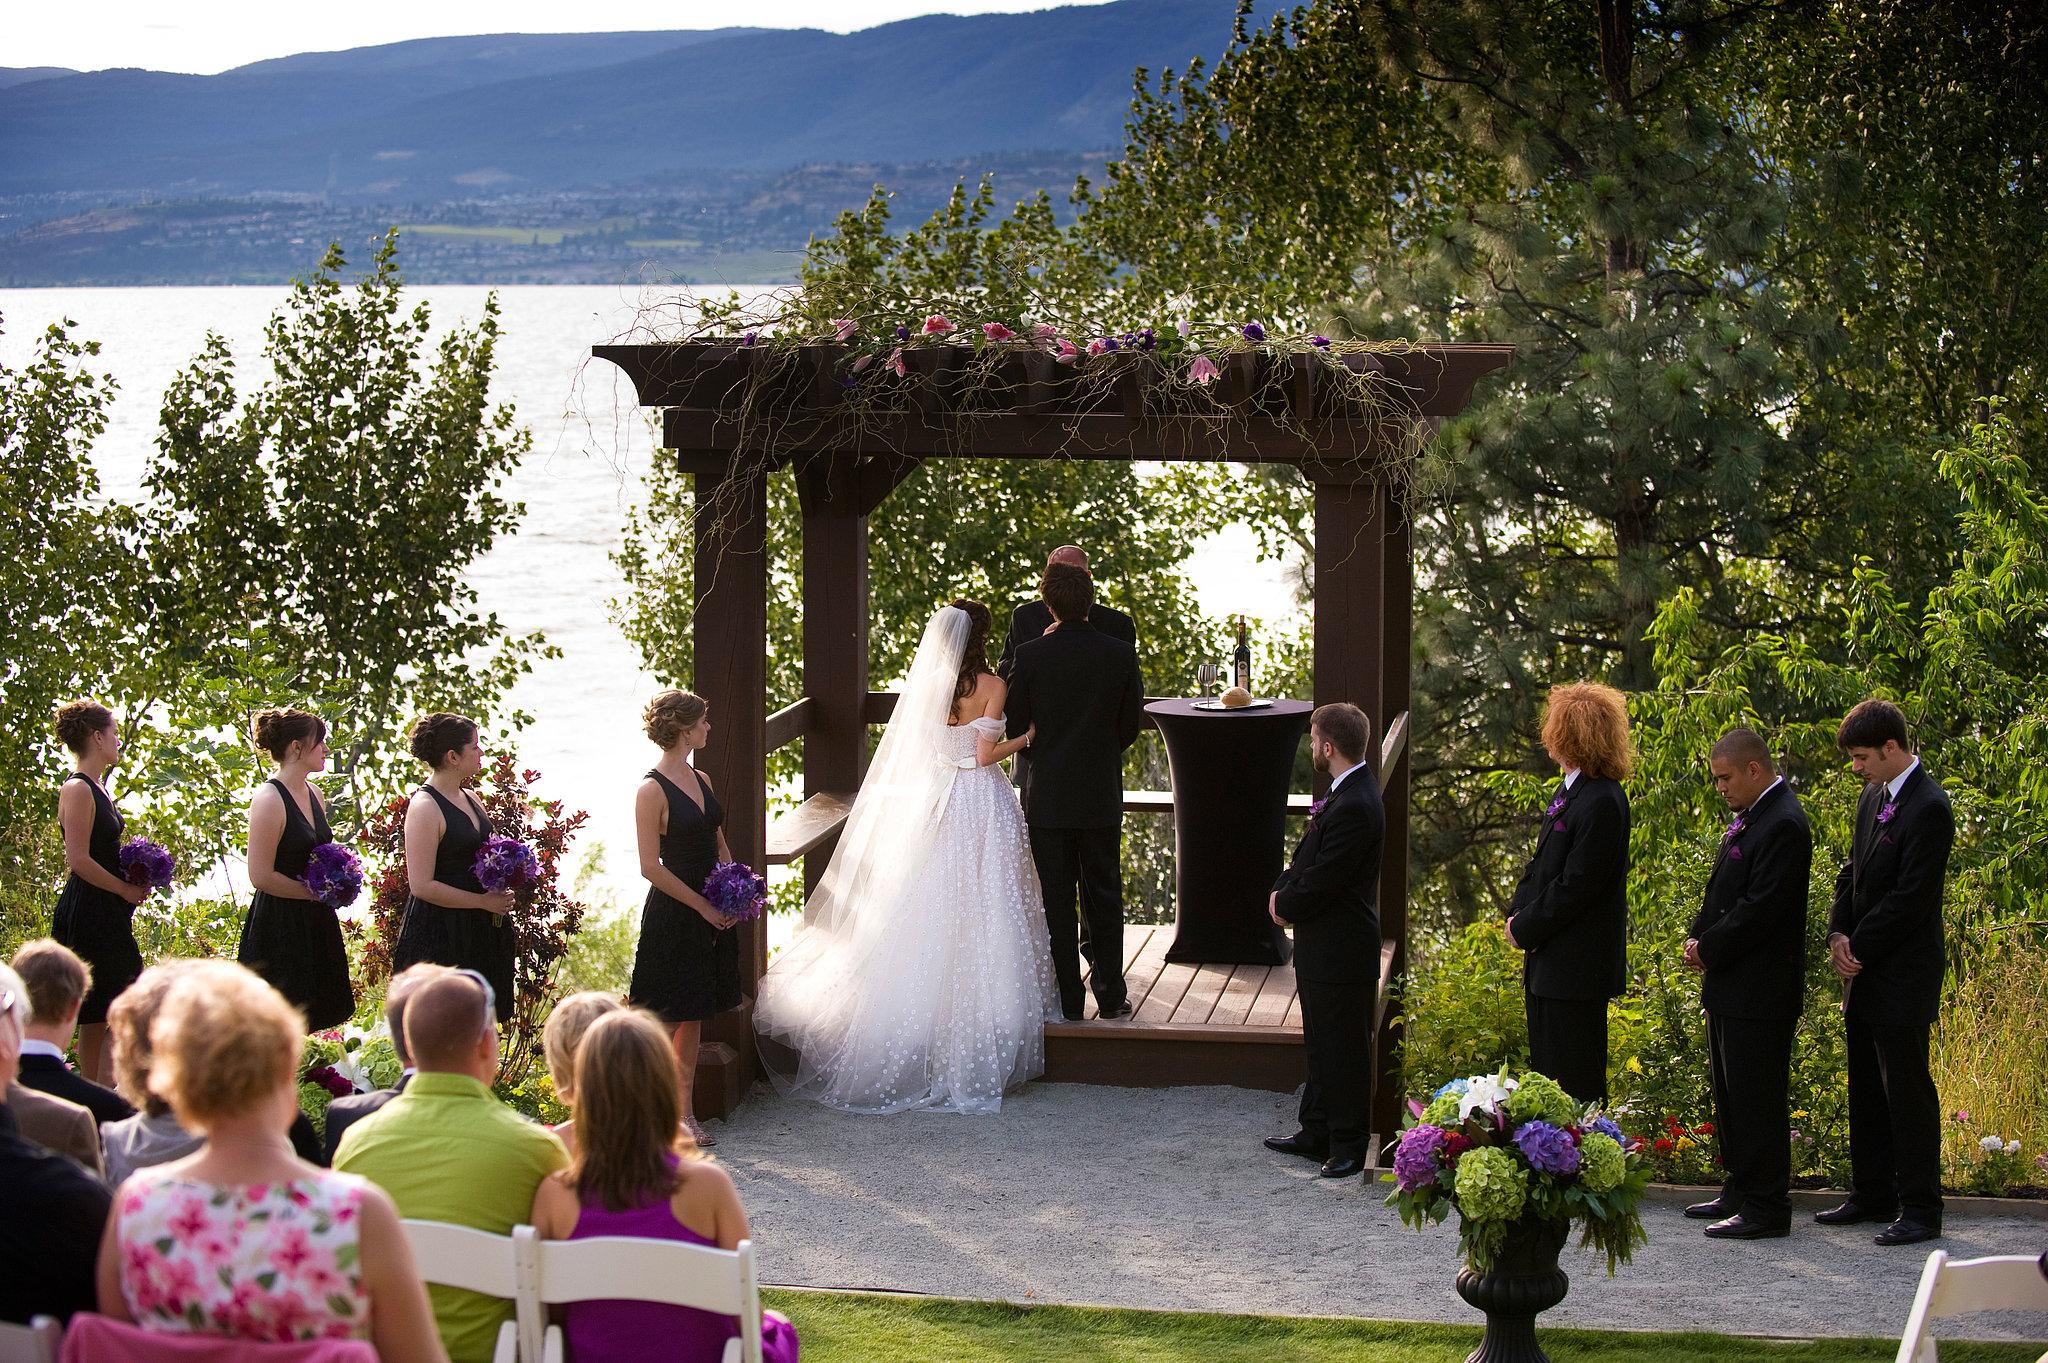 Lakeside Vows